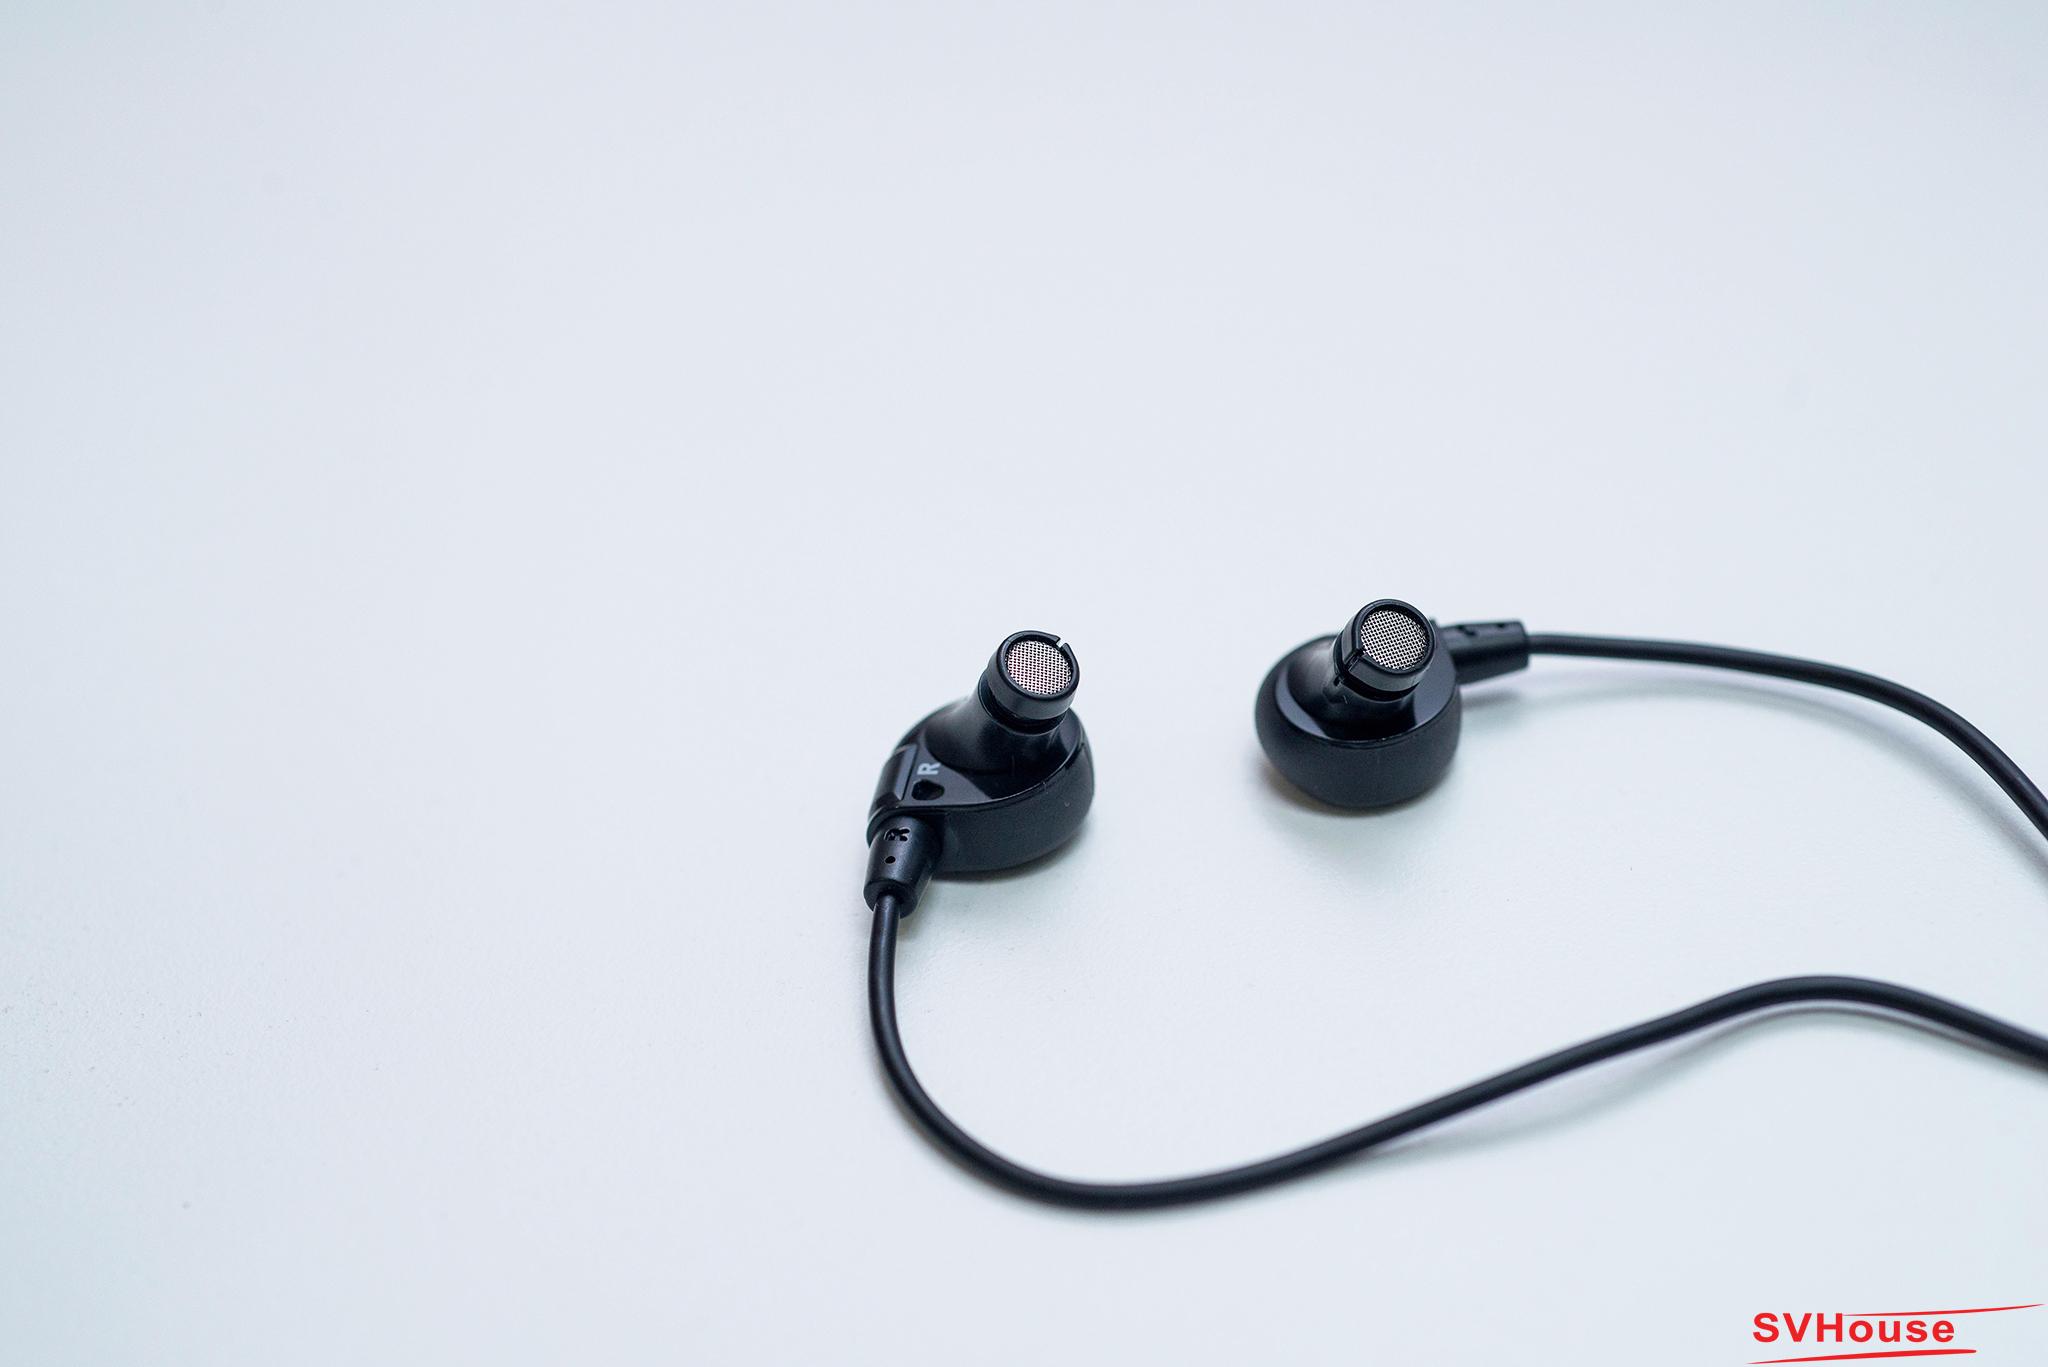 Phần bên trong sau khi tai nghe đã được tháo nút tai là một màng lọc bằng kim loại được đúc kết liền mạch với vỏ tai nghe